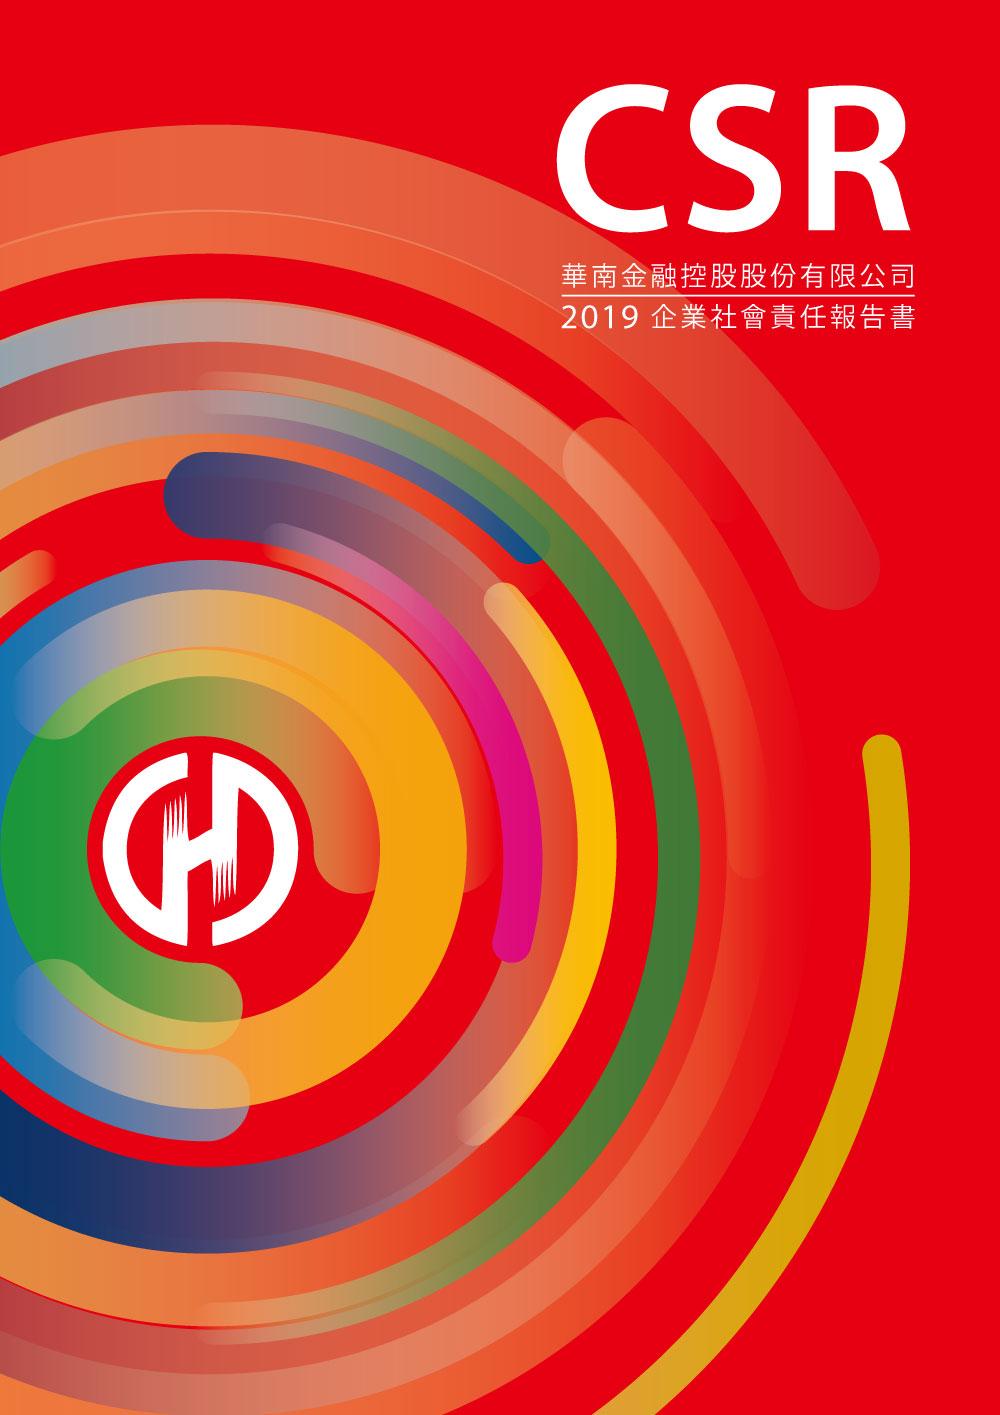 2019年CSR報告書封面